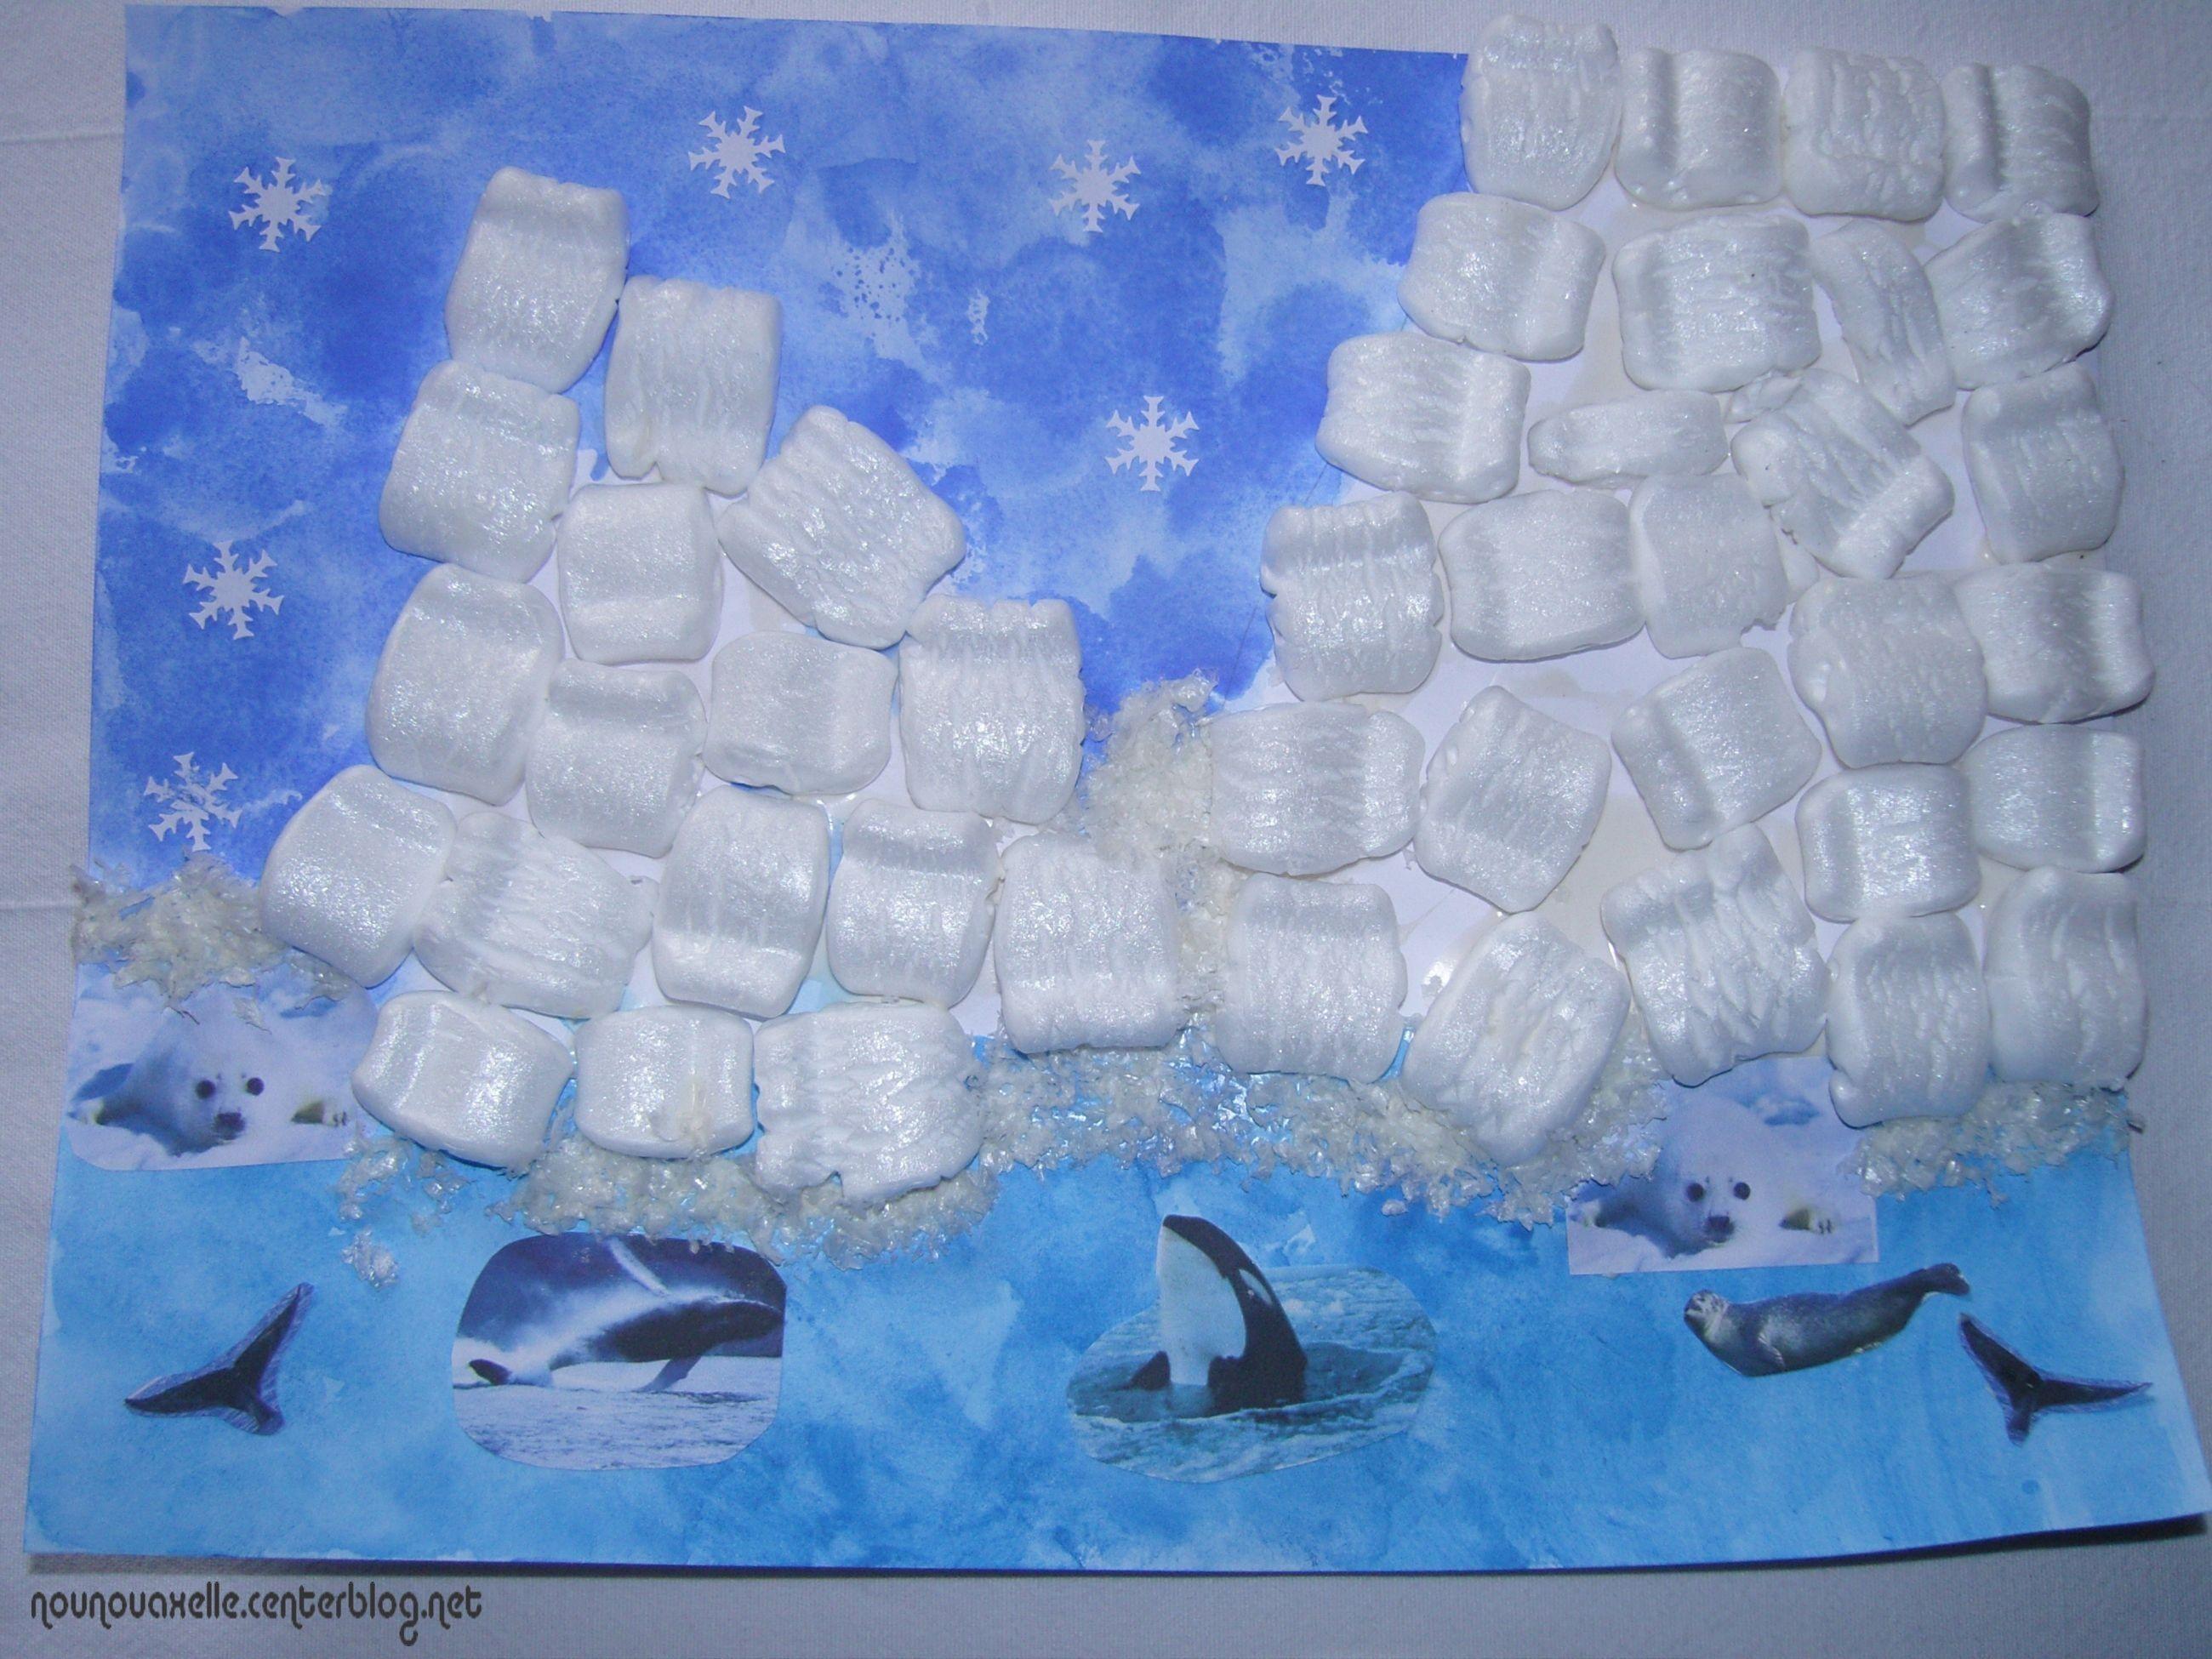 Activit manuelle maternelle hiver - Activite manuelle maternelle hiver ...